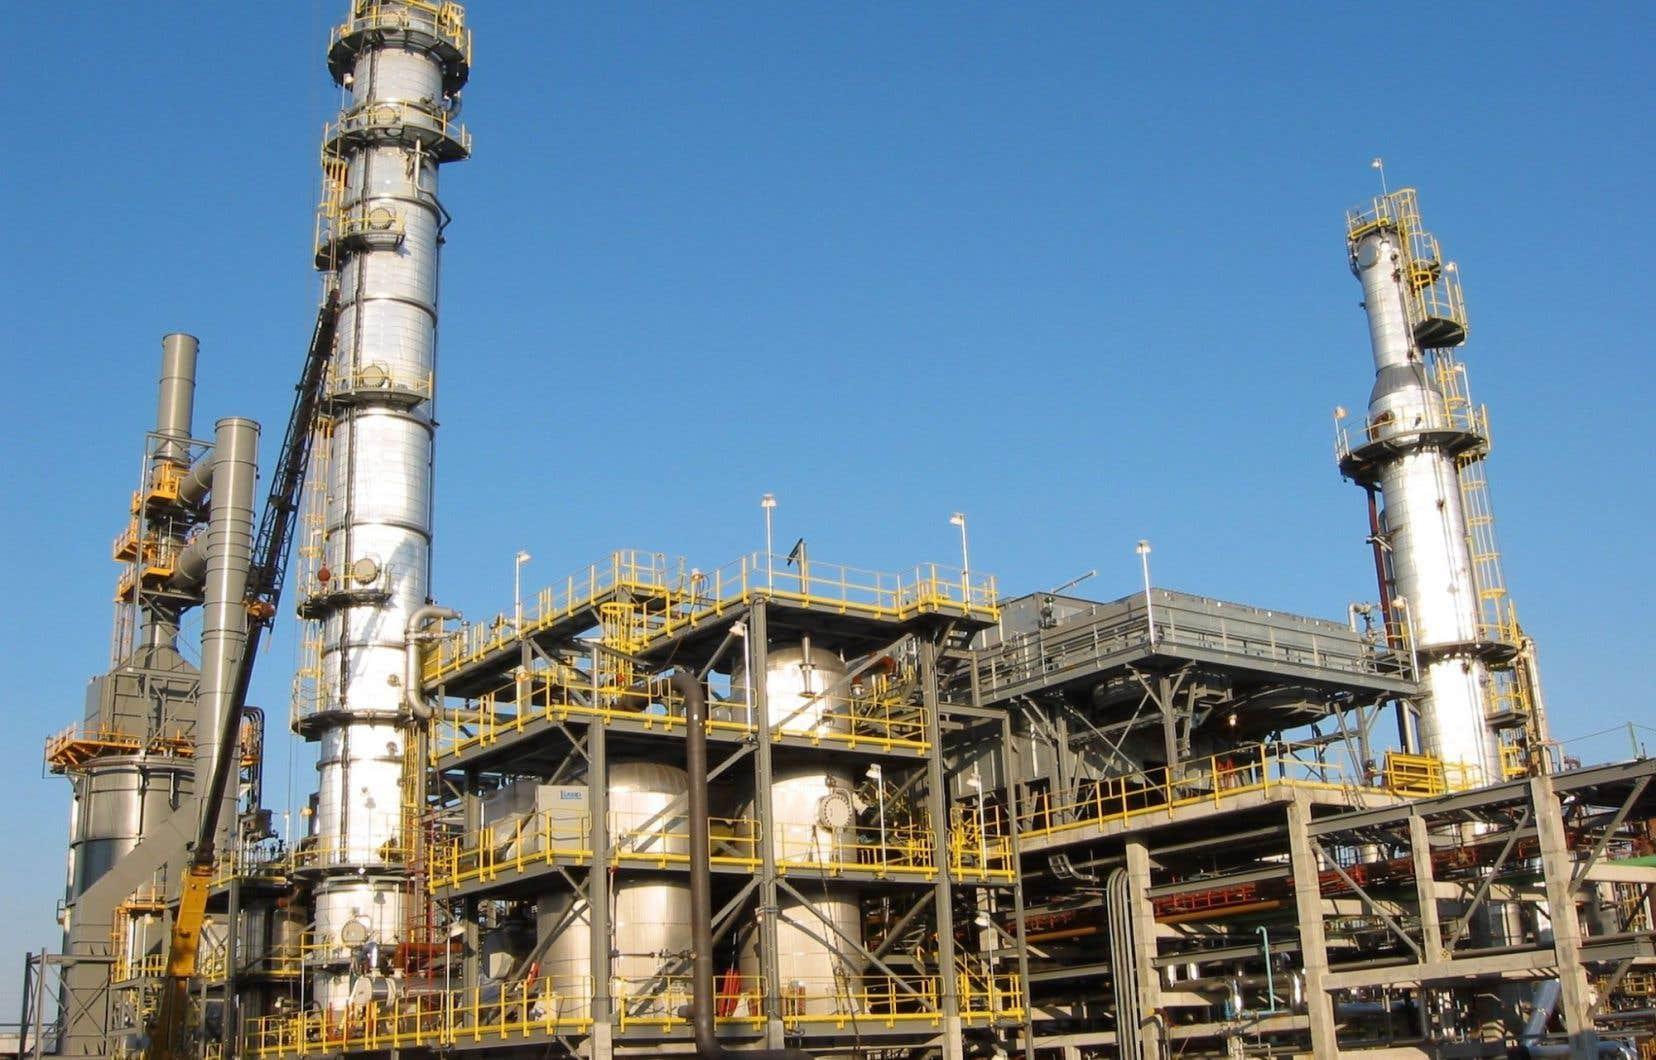 Les investissements dans l'exploitation pétrolière et gazière devraient chuter de plus de 30%.